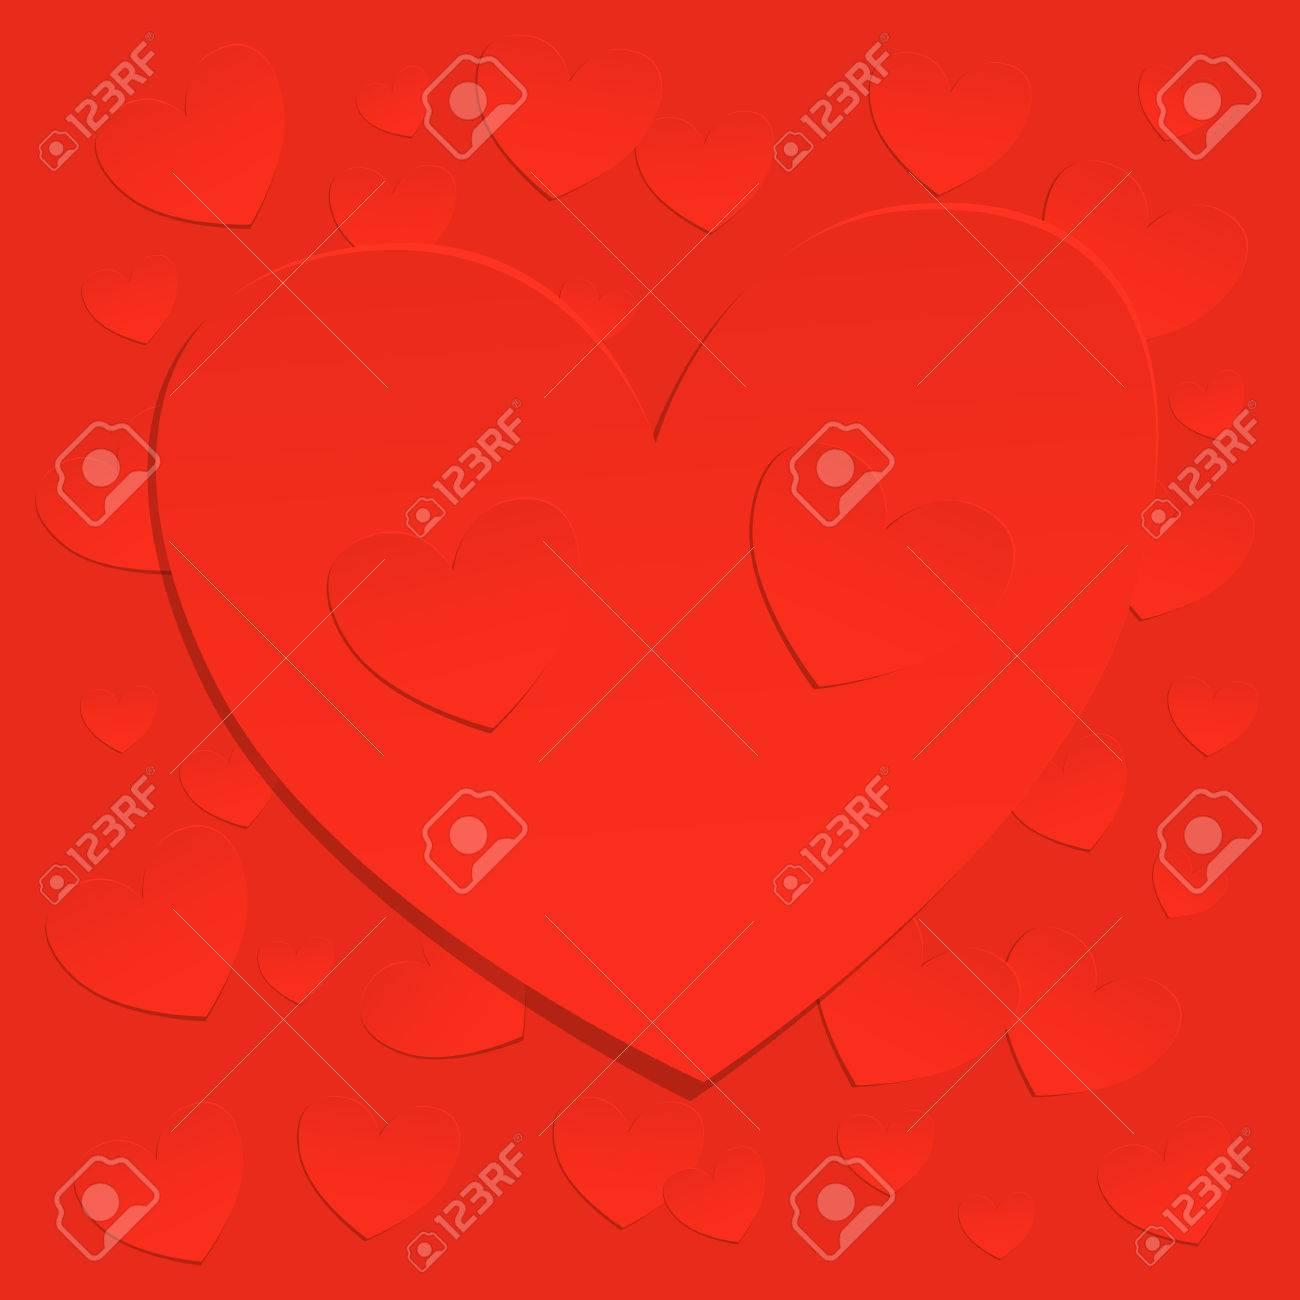 Stilvolle Valentinstag Abstrakten Hintergrund Mit Einem Großen Roten